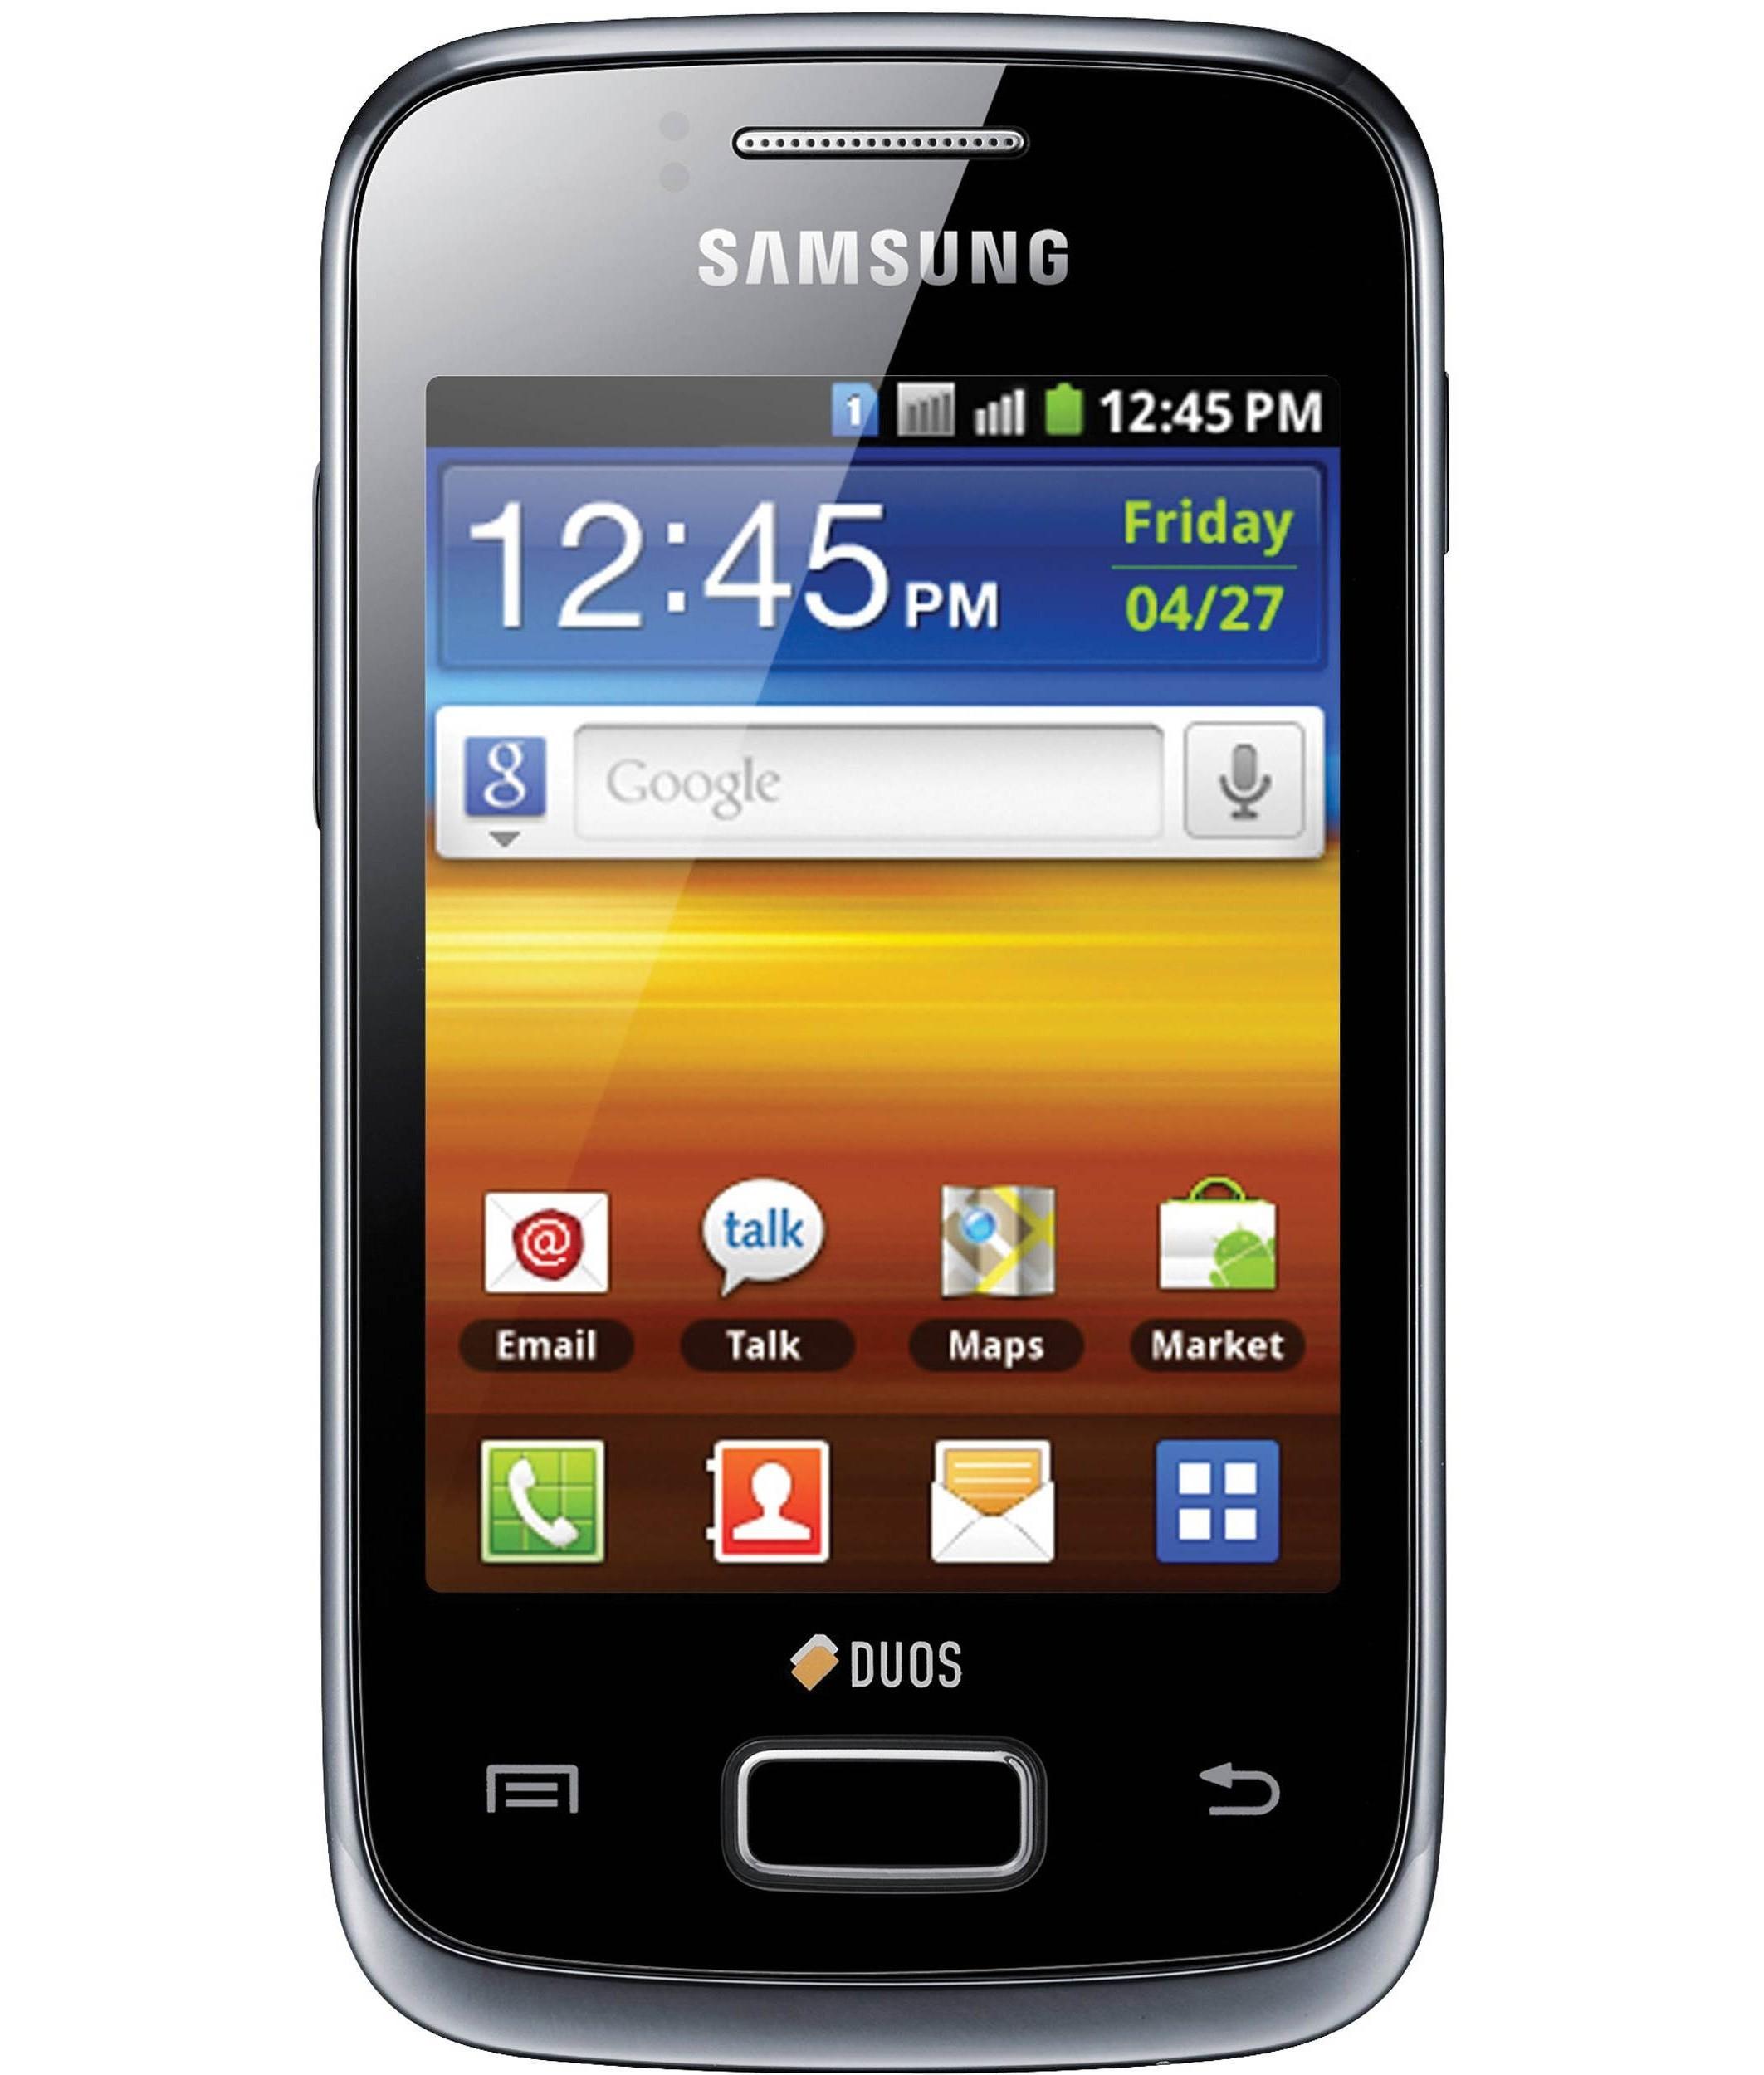 Samsung Galaxy Y Duos Preto - 512MB - Android Gingerbread - Broadcom BCM21553 / ARM1136 - Tela 3.14 ´ - Desbloqueado - Recertificado